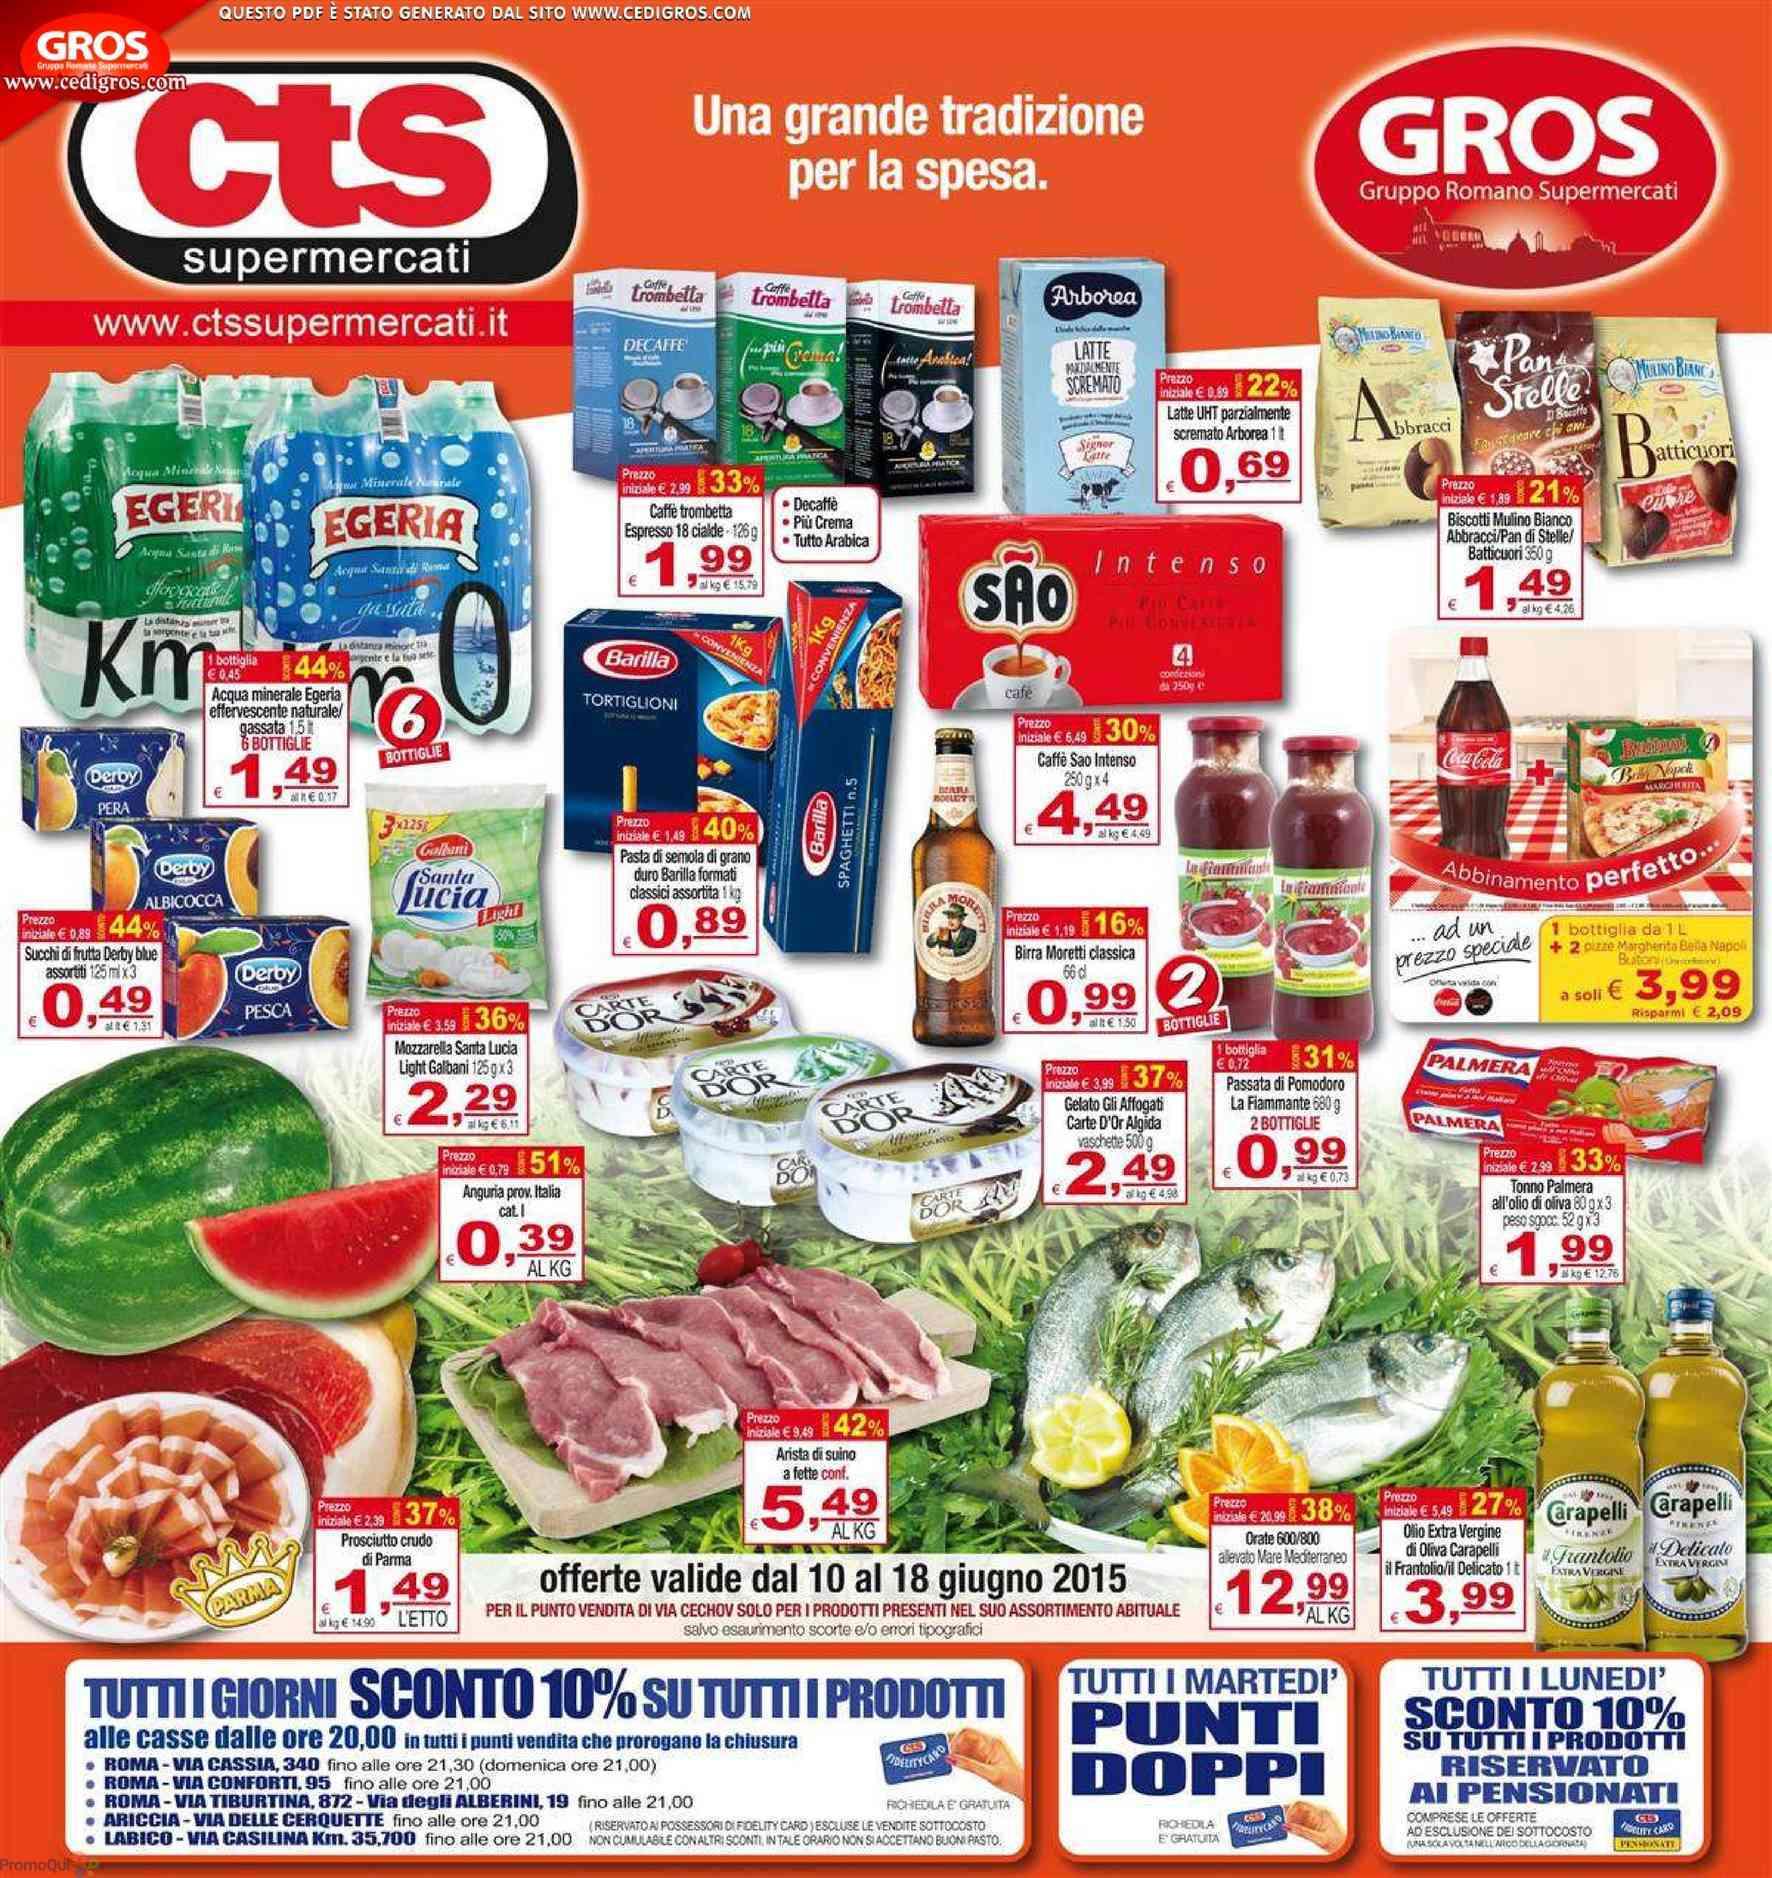 Cts Supermercati  Una grande tradizione per la spesa